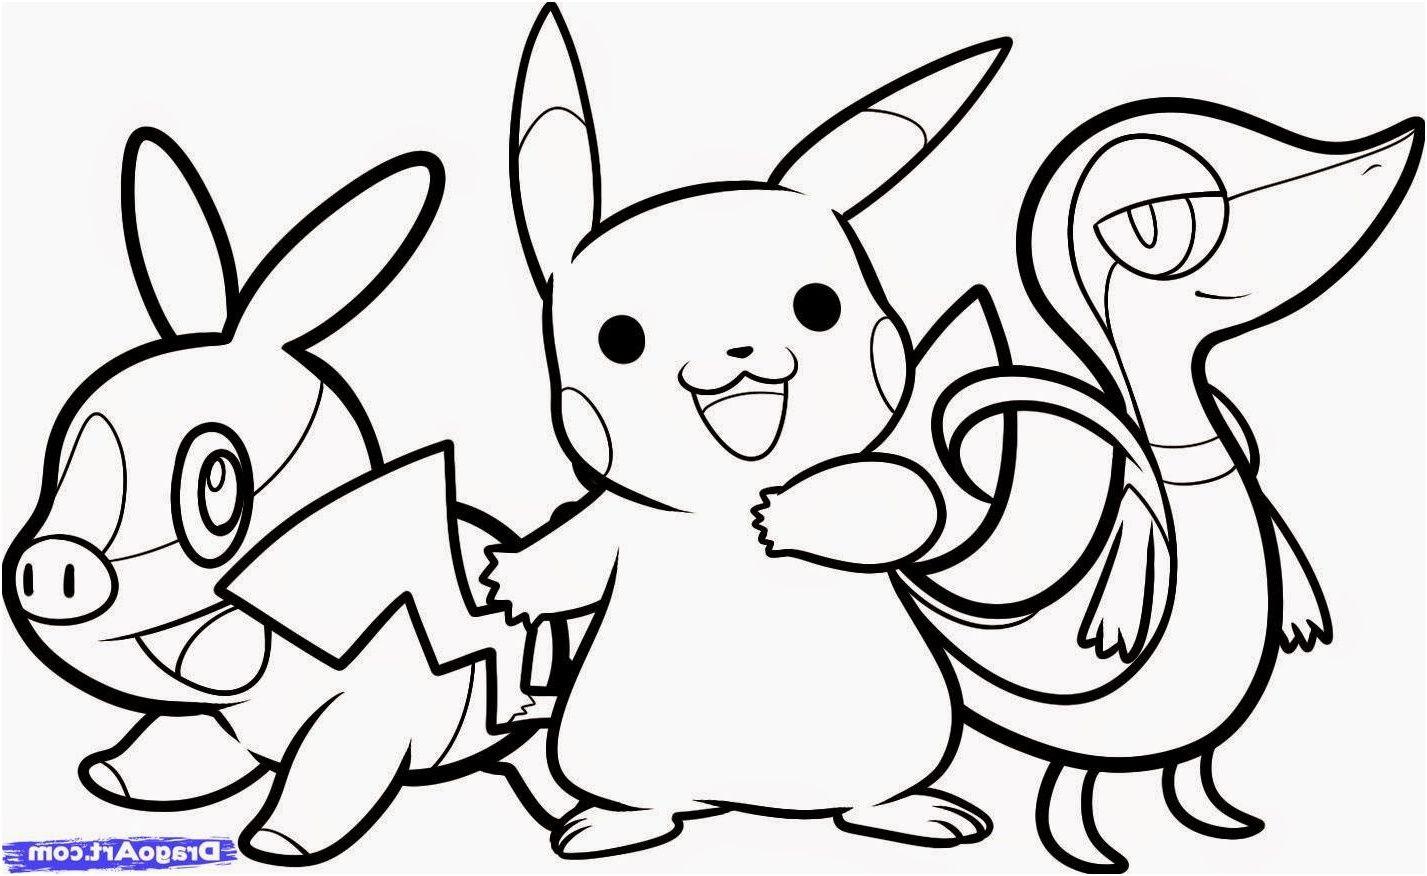 Coloriage De Pokémon Gratuit - Greatestcoloringbook tout Coloriage Pok?Mon Sucreine